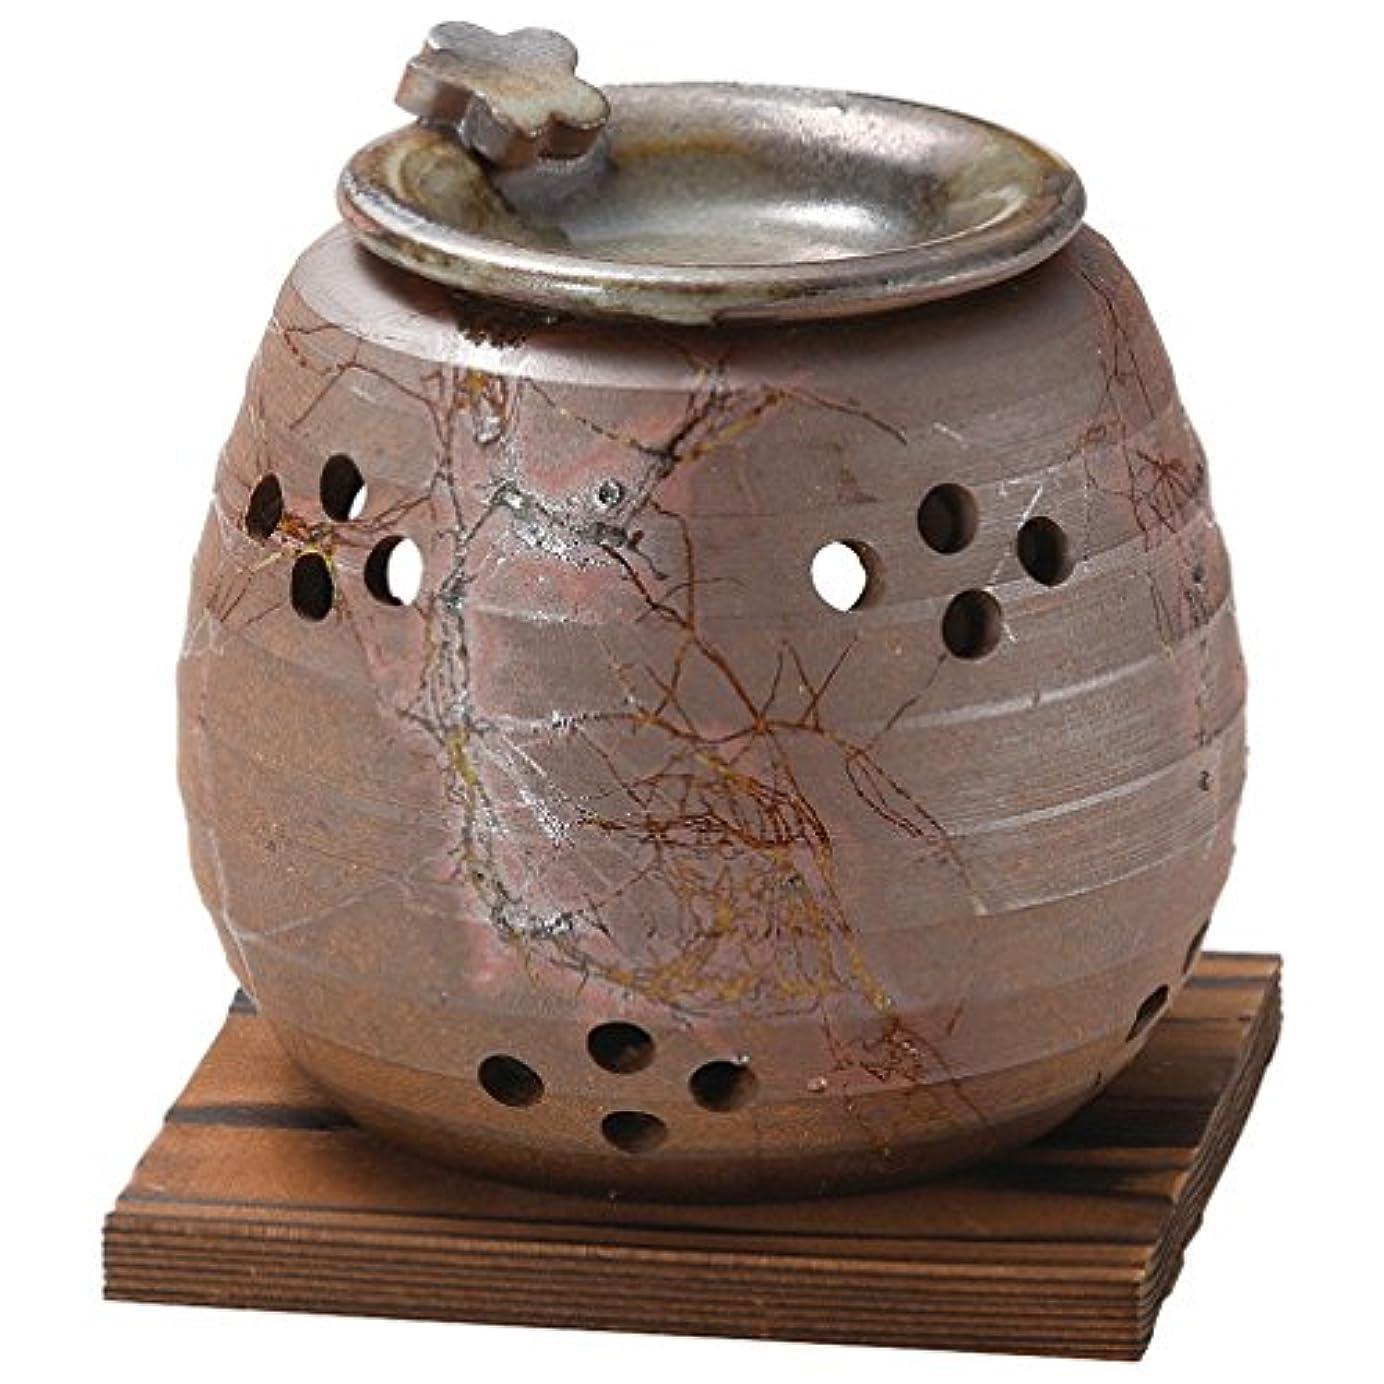 病者ソート彼山下工芸 常滑焼 石龍焼〆藻掛茶香炉 12.5×11×11cm 13045730